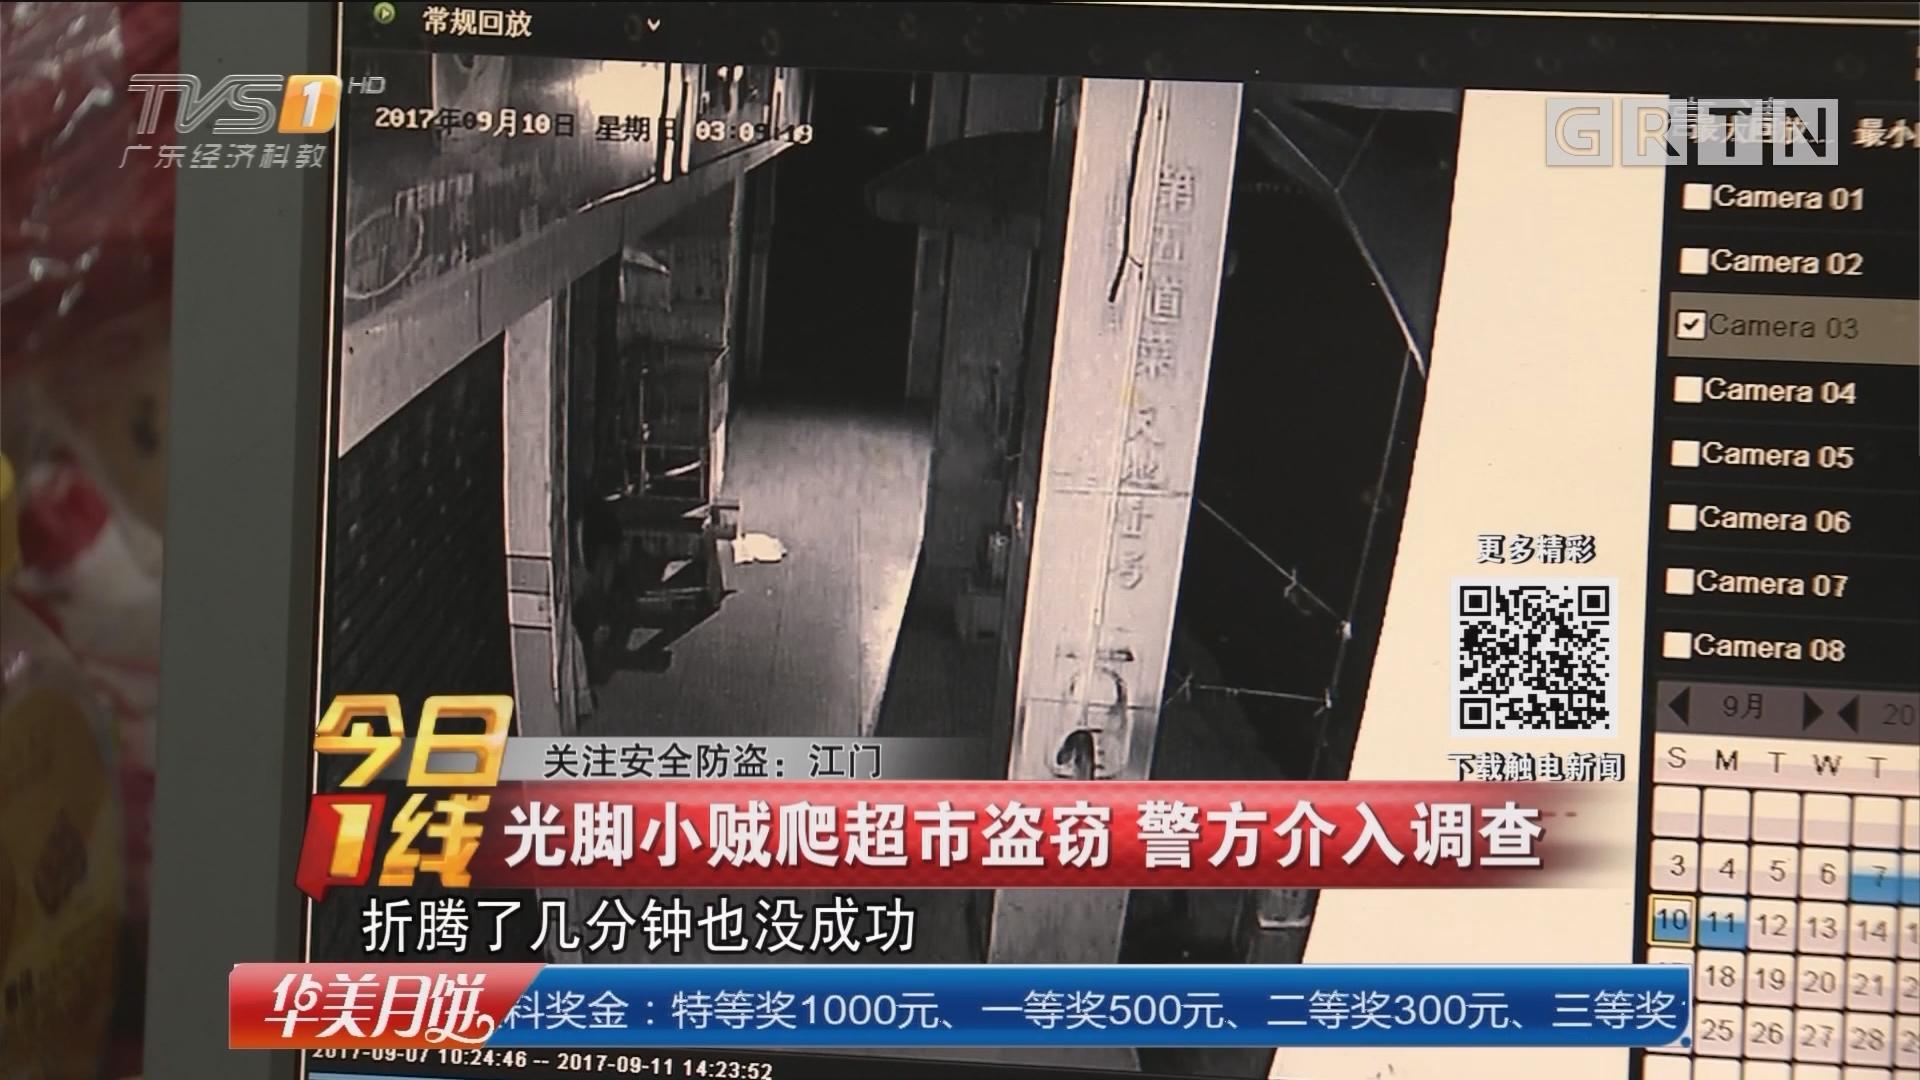 关注安全防盗:江门 光脚小贼爬超市盗窃 警方介入调查